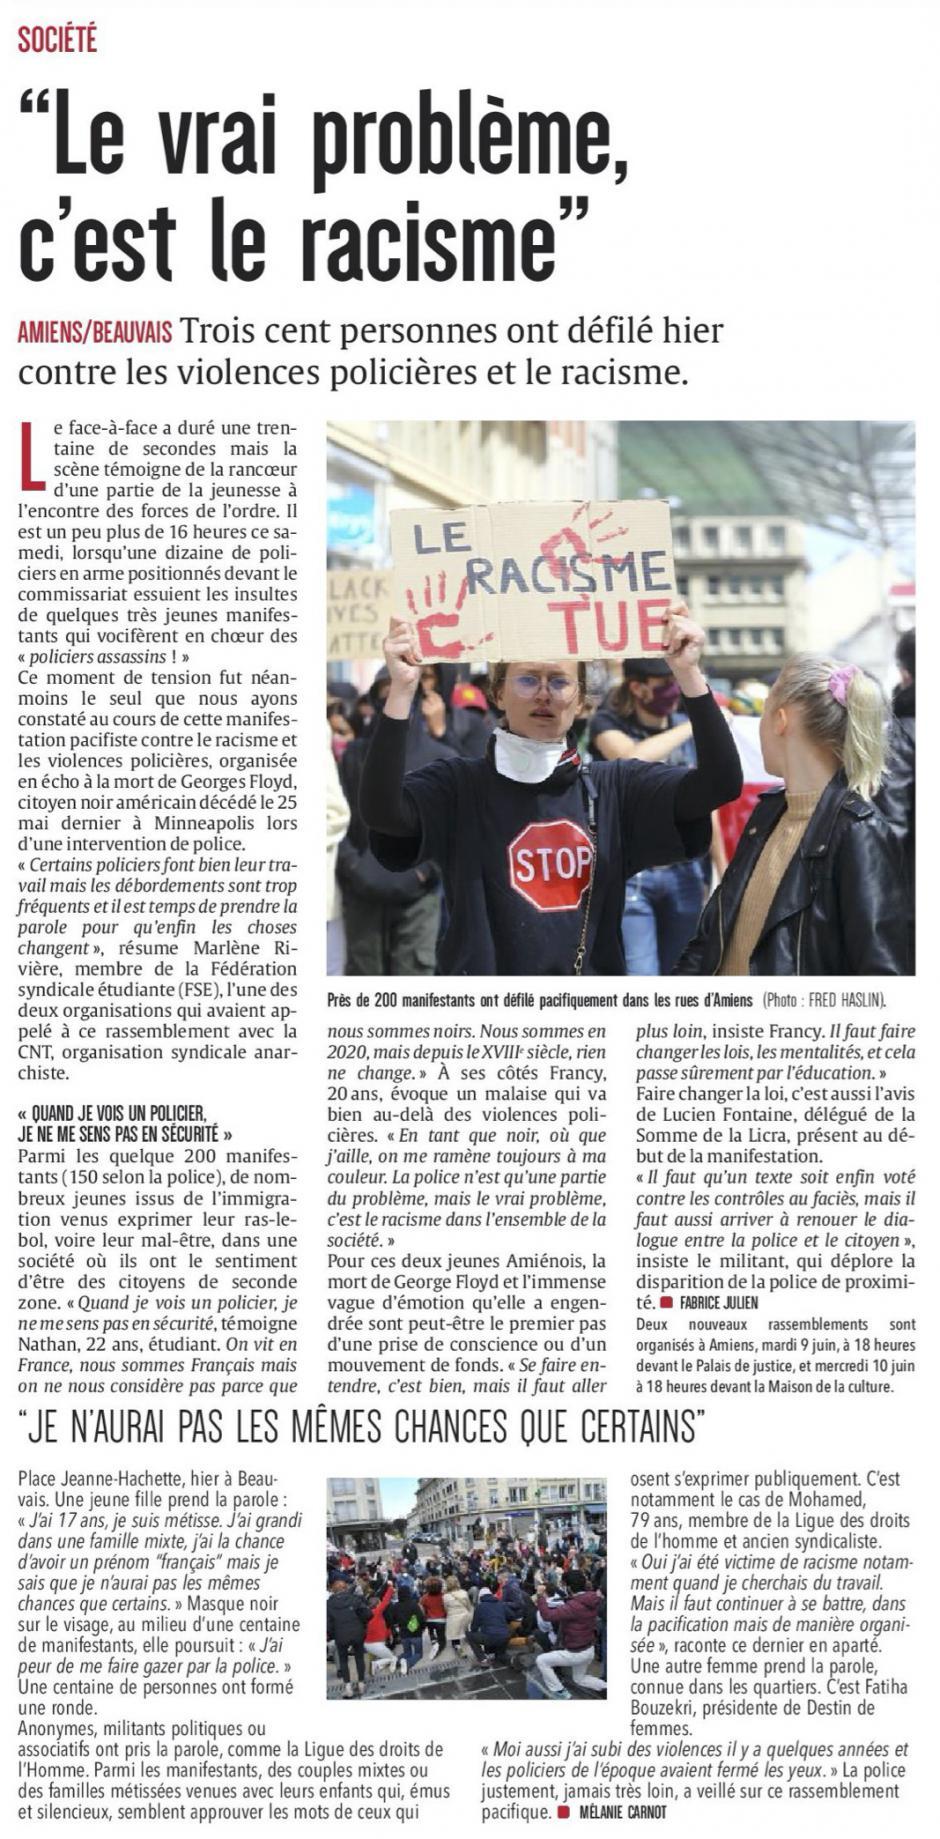 20200607-CP-Amiens-Beauvais-« Le vrai problème, c'est le racisme »